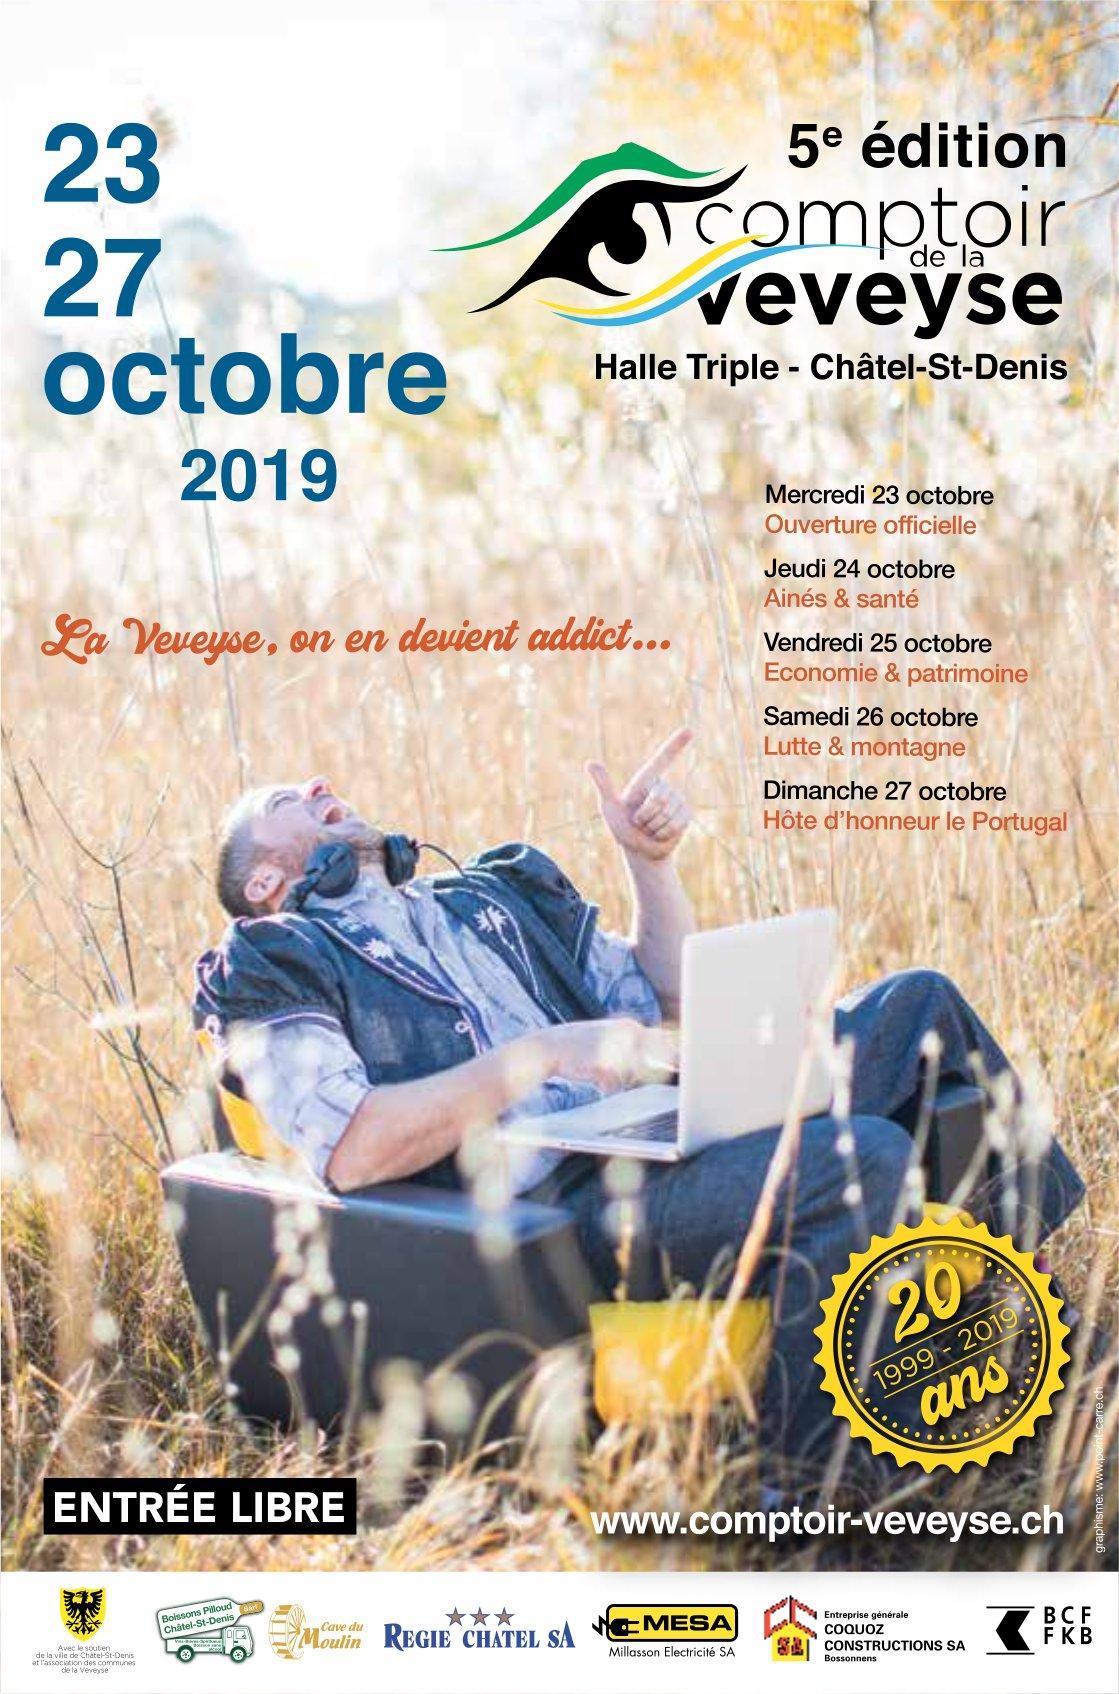 5e édition comptoir de la Veveyse, 23 au 27 octobre, Halle Triple, Châtel-St-Denis